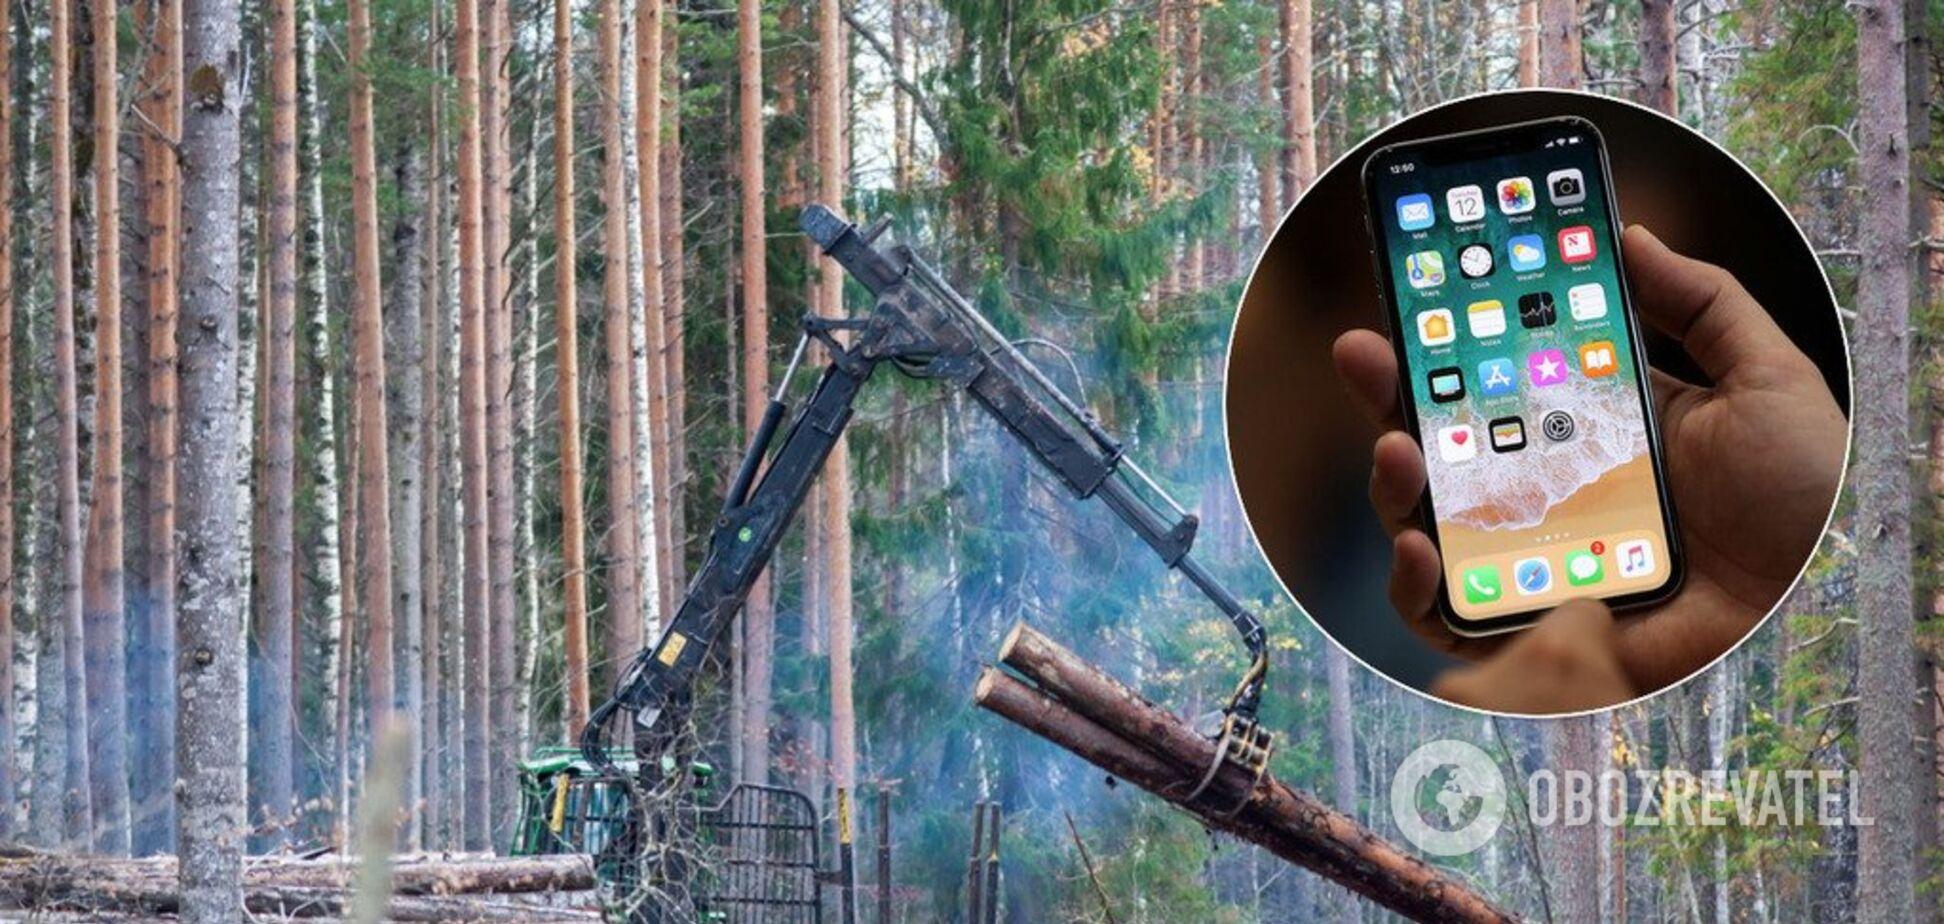 Вырубку лесов можно отследить онлайн: стало известно, где в Украине запустили новый проект